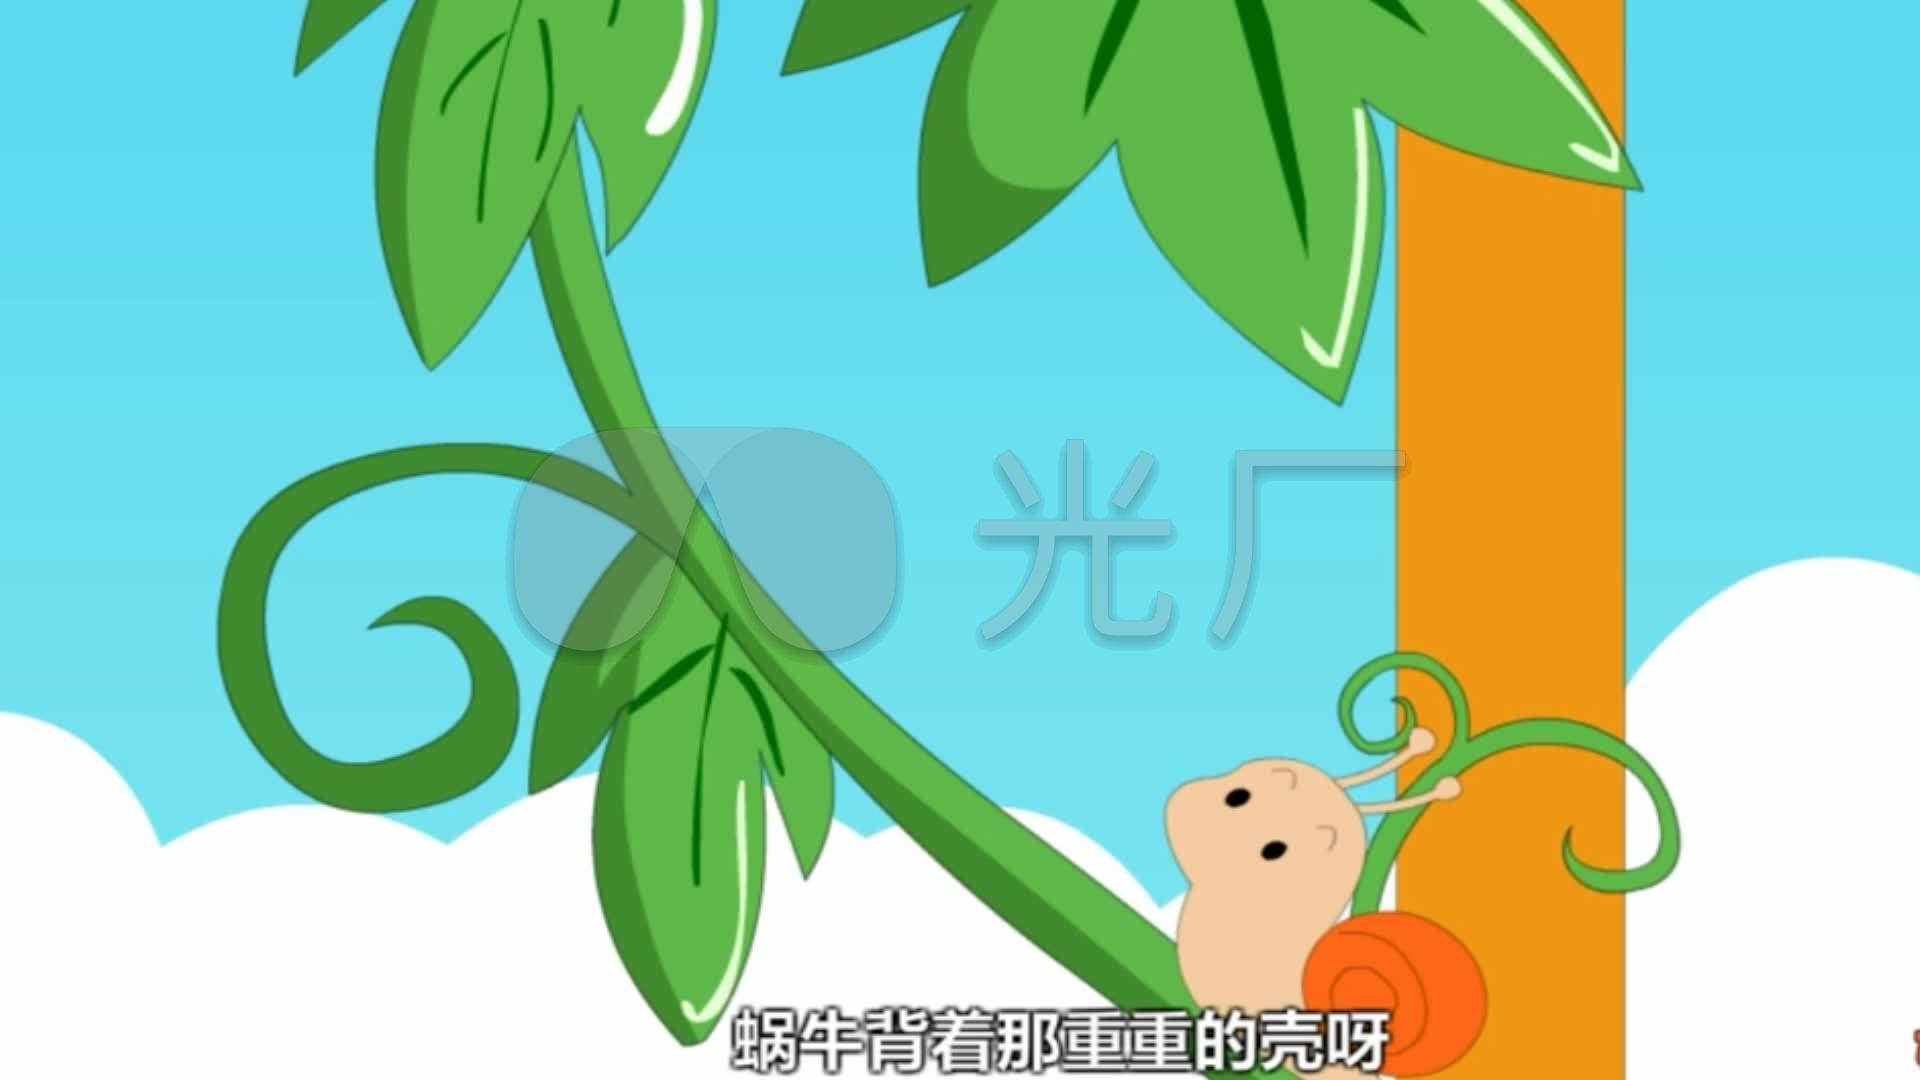 春视频与动画黄鹂歌卡通蜗牛版鸟儿_1920X1iosa教程使用图片